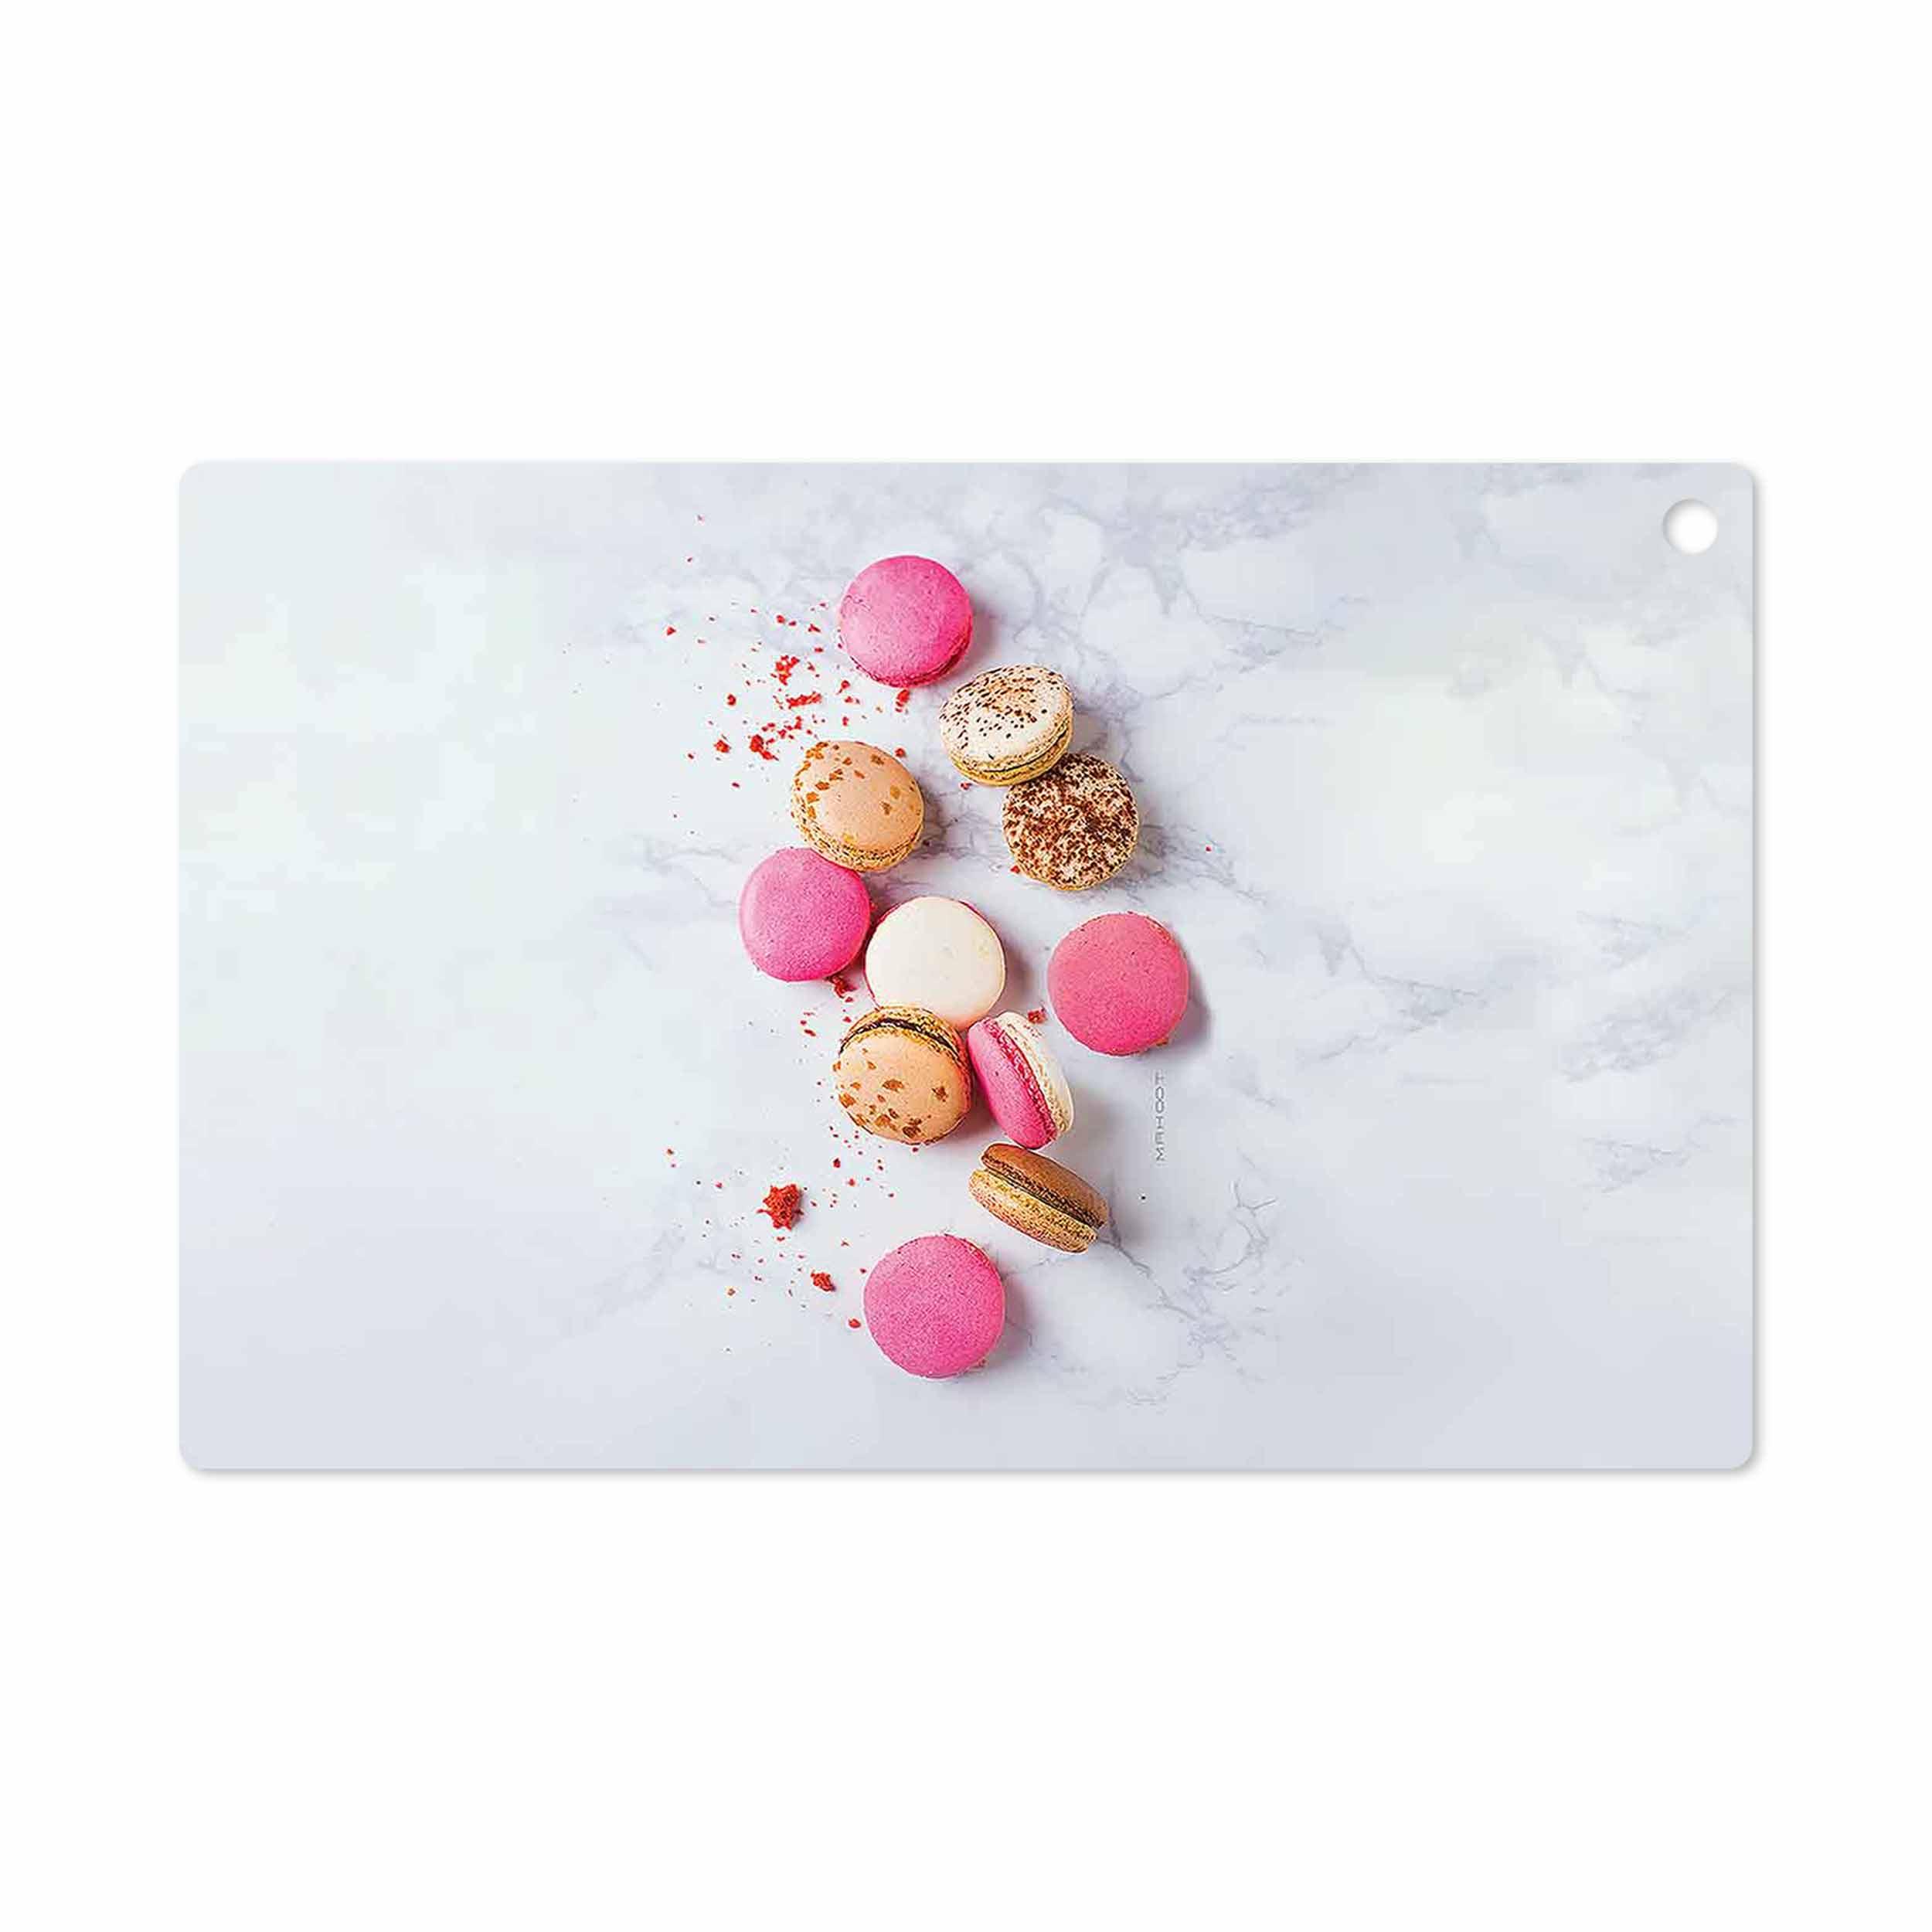 بررسی و خرید [با تخفیف]                                     برچسب پوششی ماهوت مدل Macaron cookie مناسب برای تبلت سونی Xperia Tablet Z LTE 2013                             اورجینال